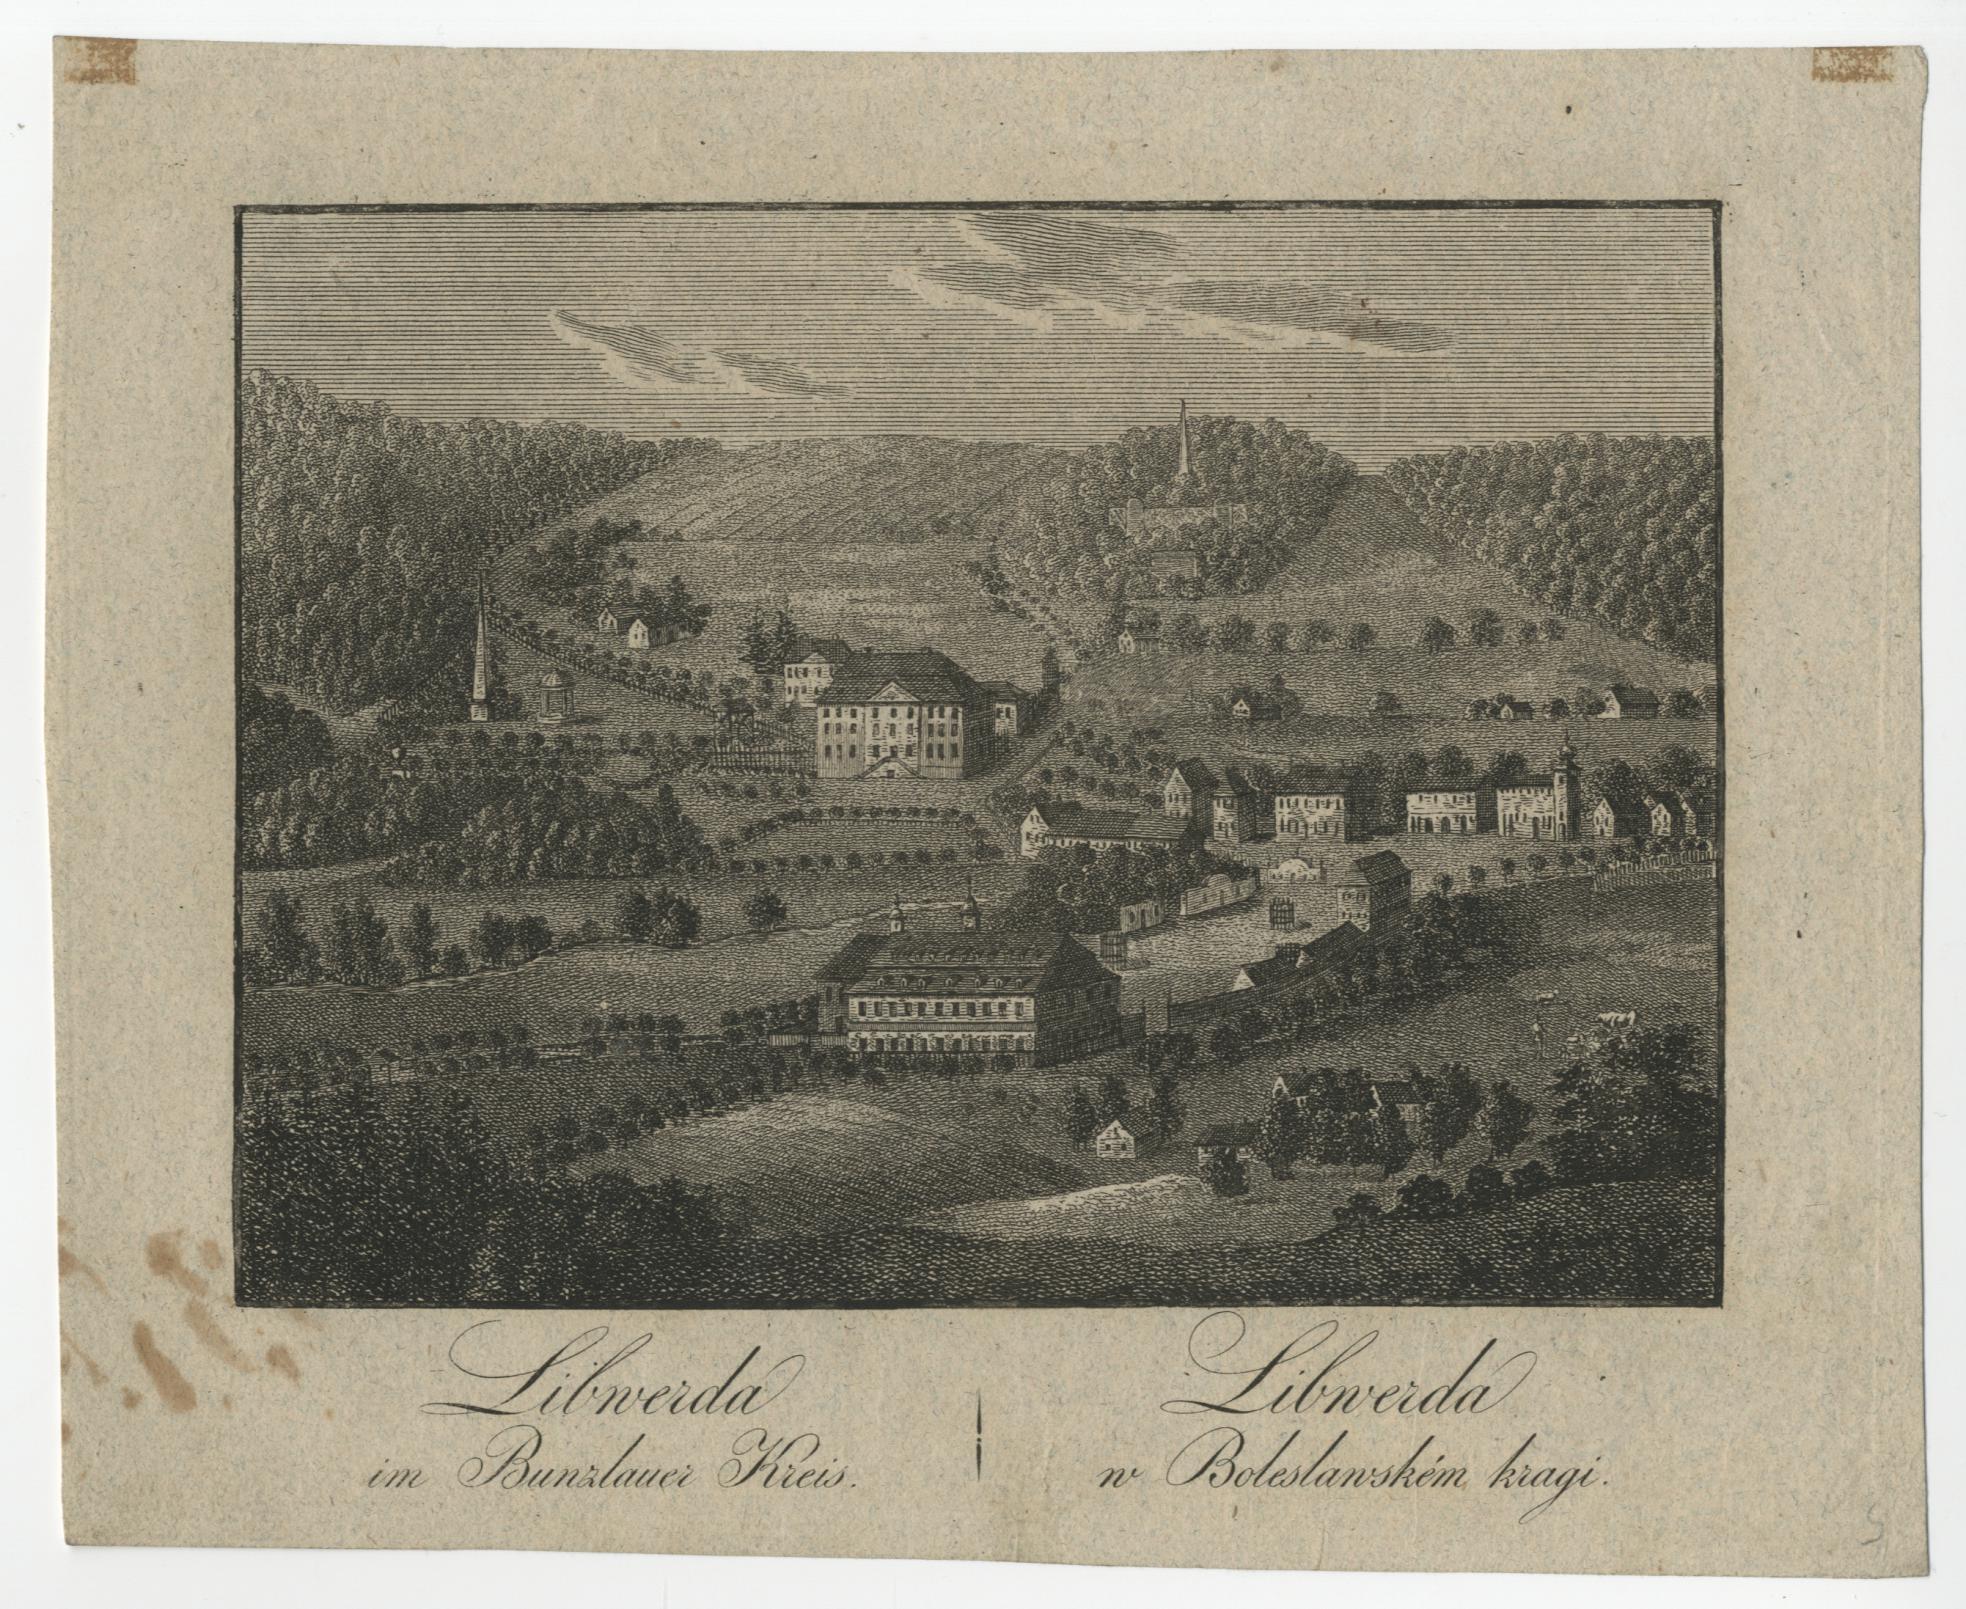 autor: Medau Karel Vilém (1791–1866) Sedm pohledů na města, hrady a zámky severních Čech, Libverda; 19. století materiál: lept, papír